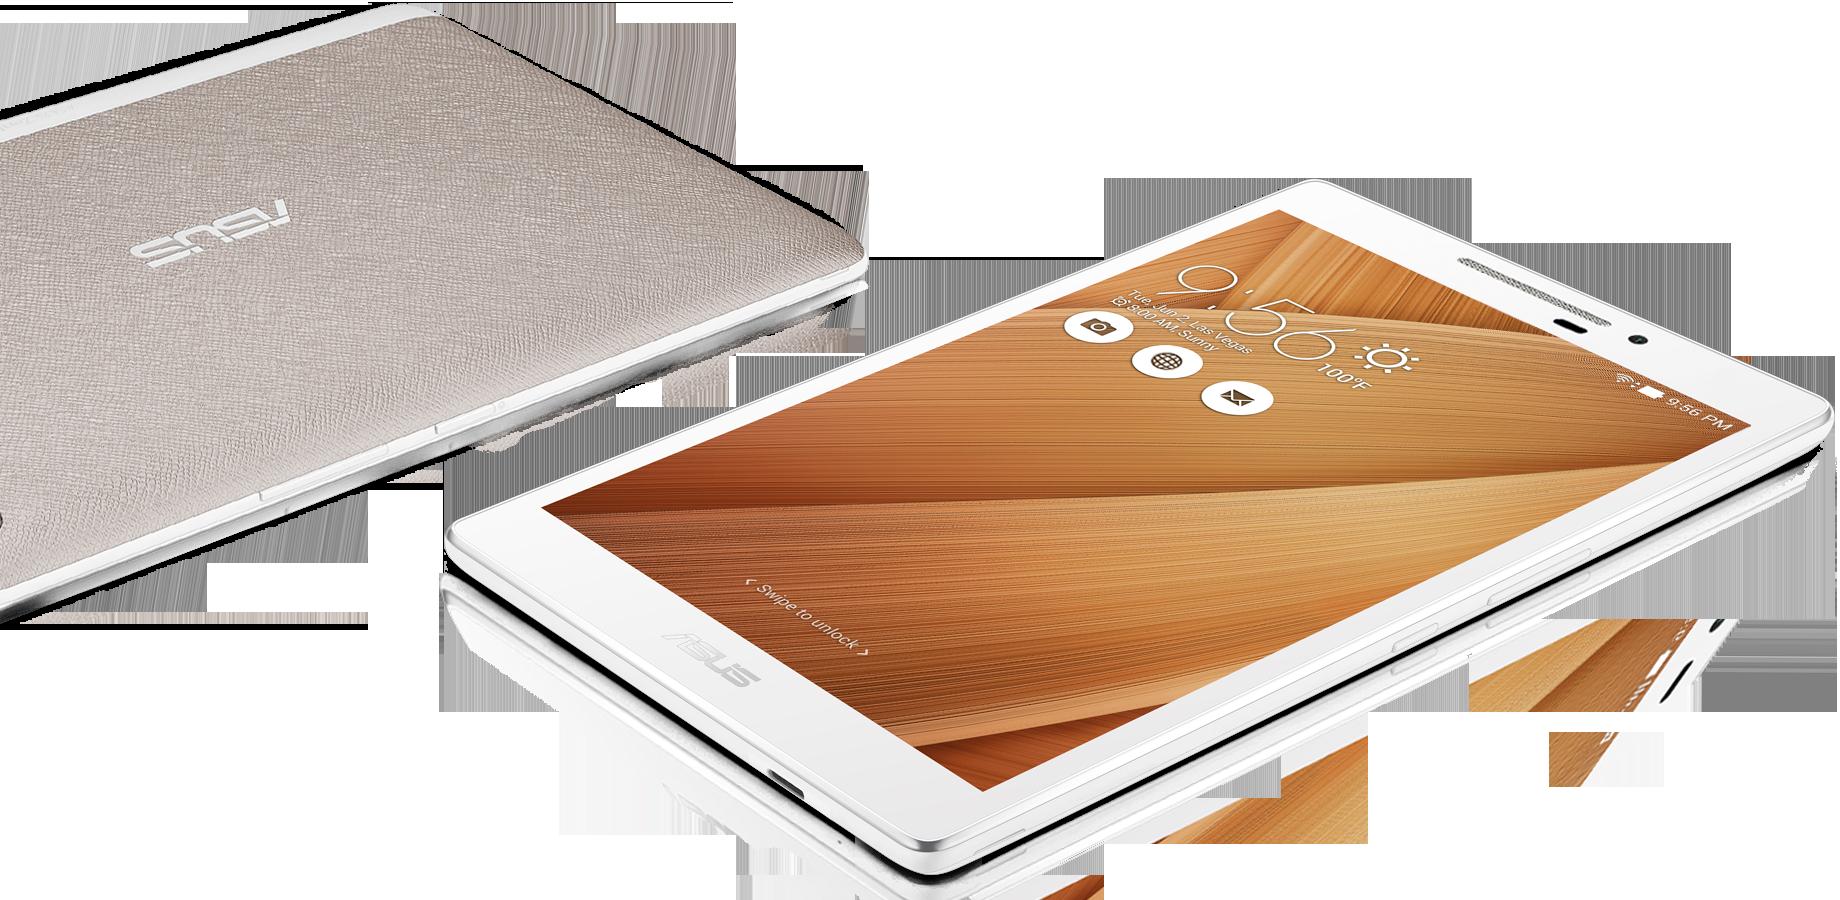 タブレット端末 ASUS ZenPad 7.0 プレゼントキャンペーン画像